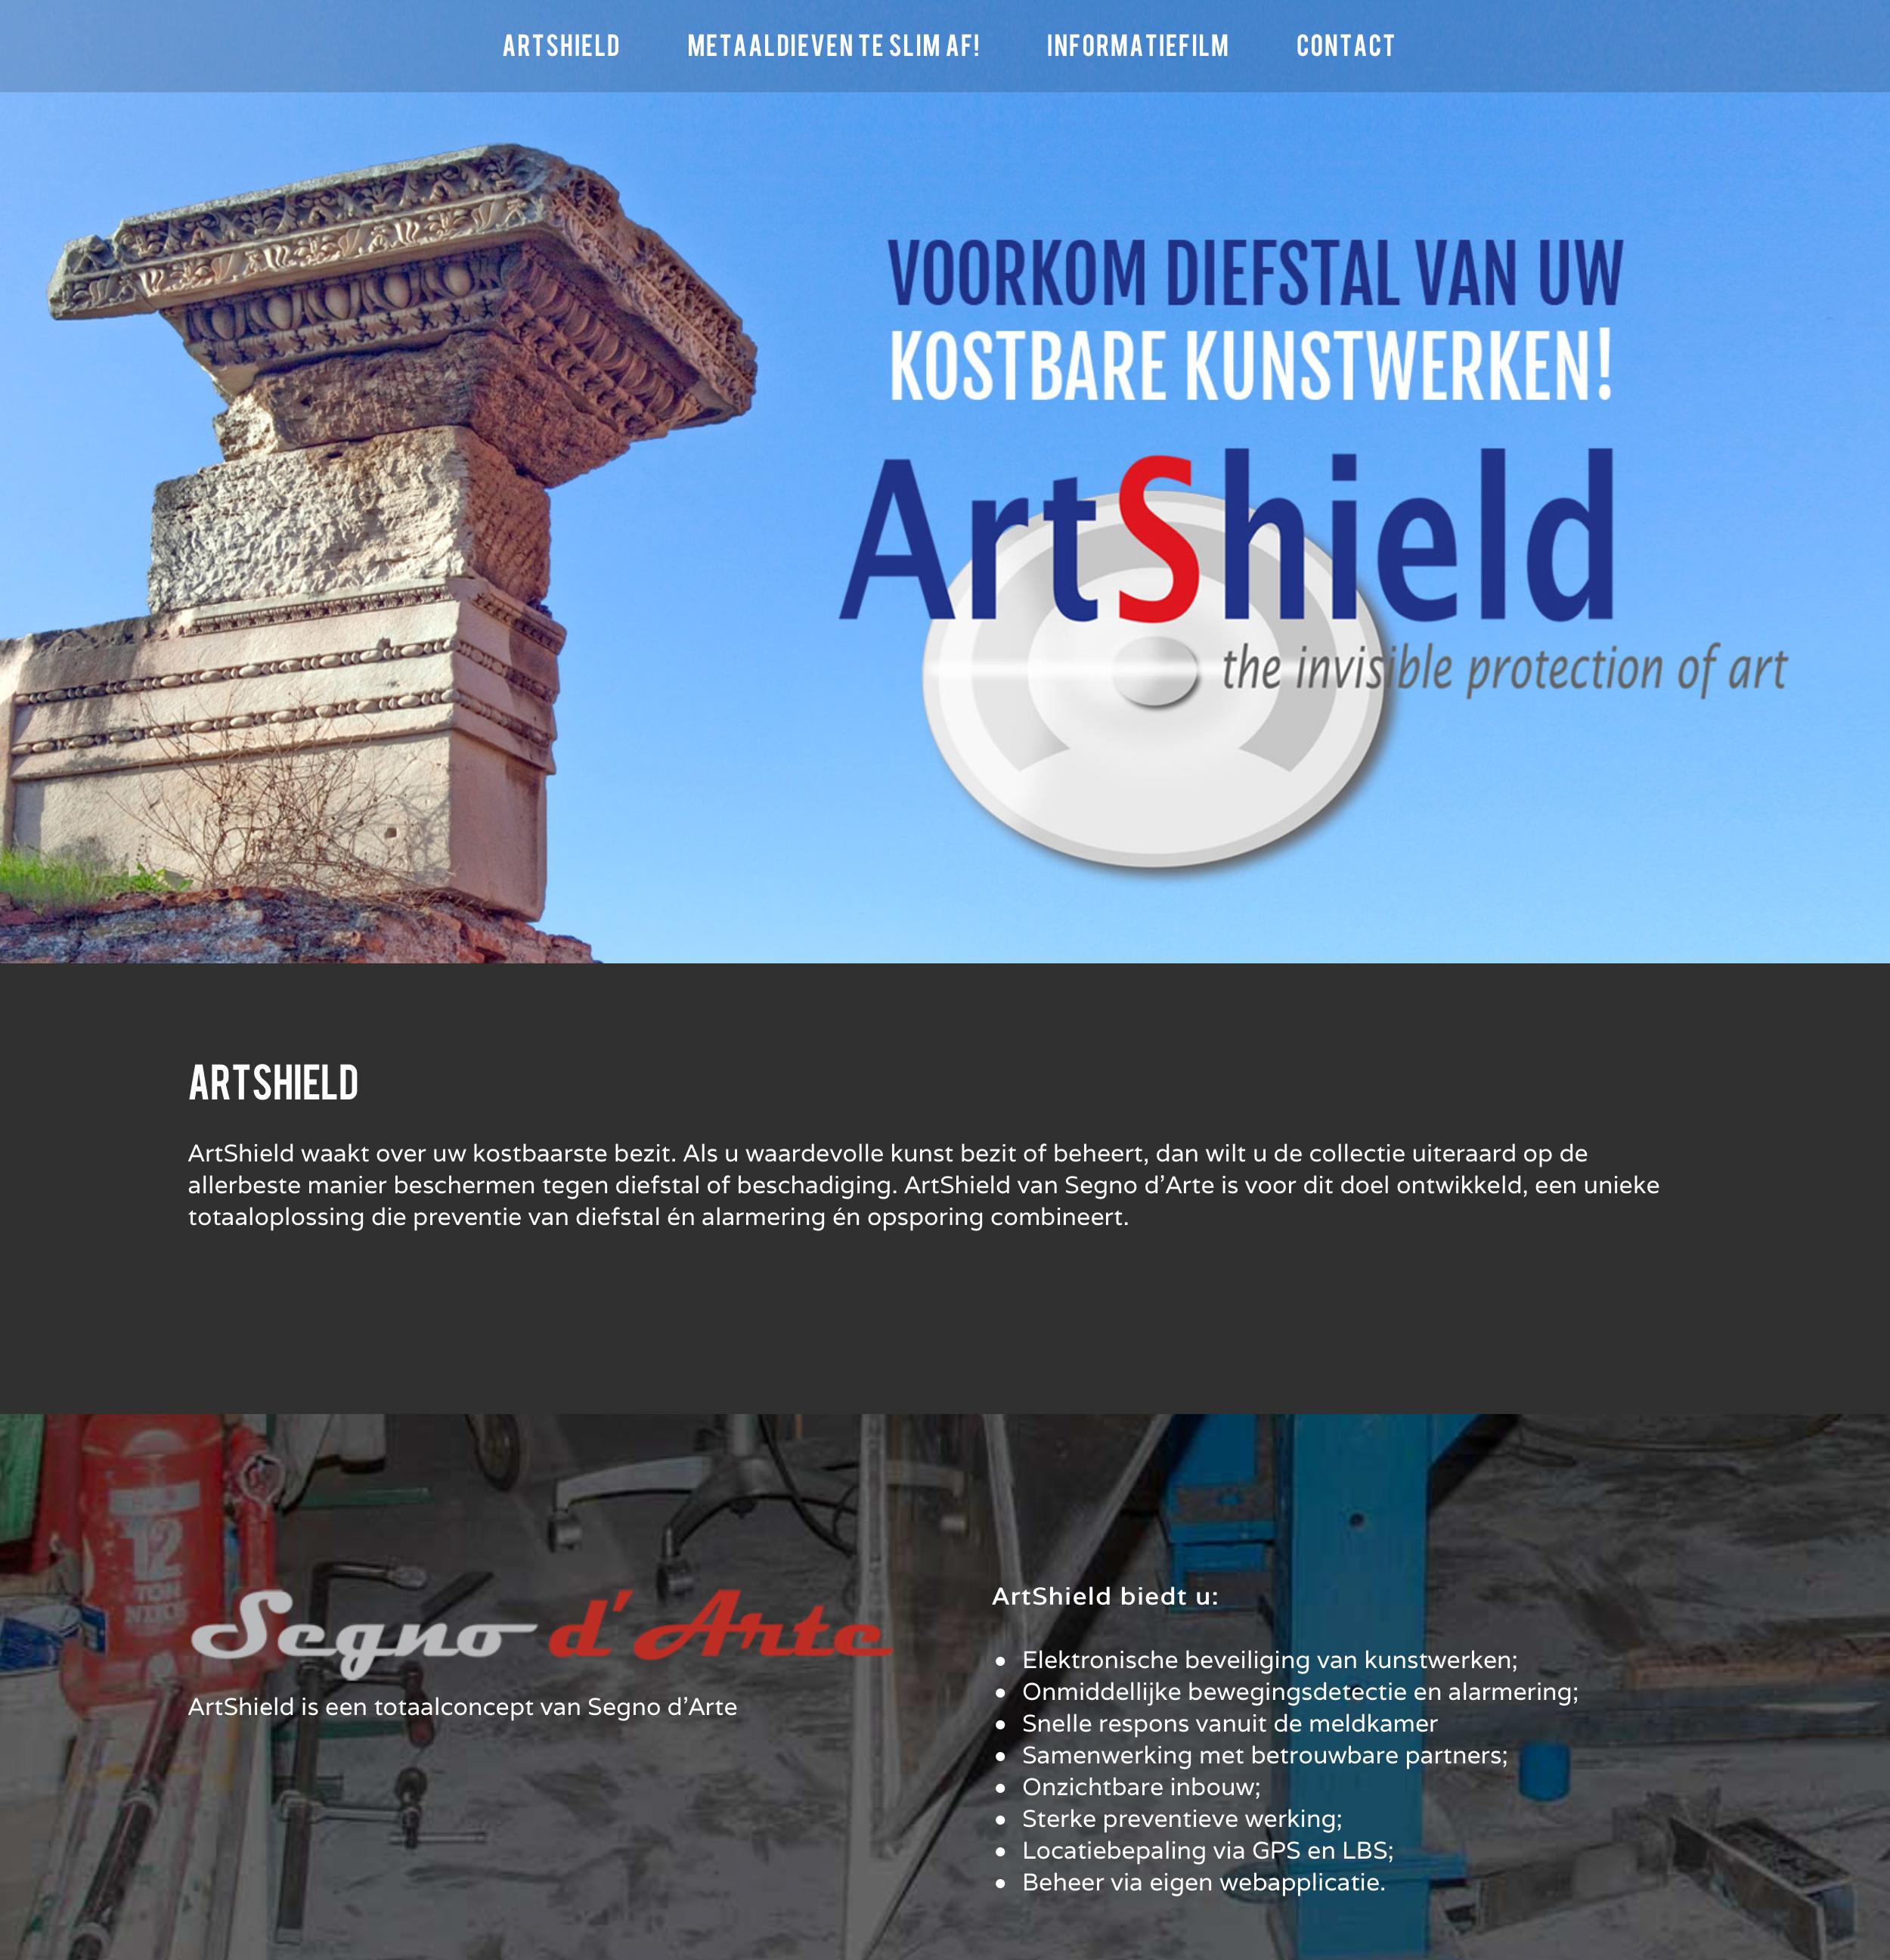 Artshield website